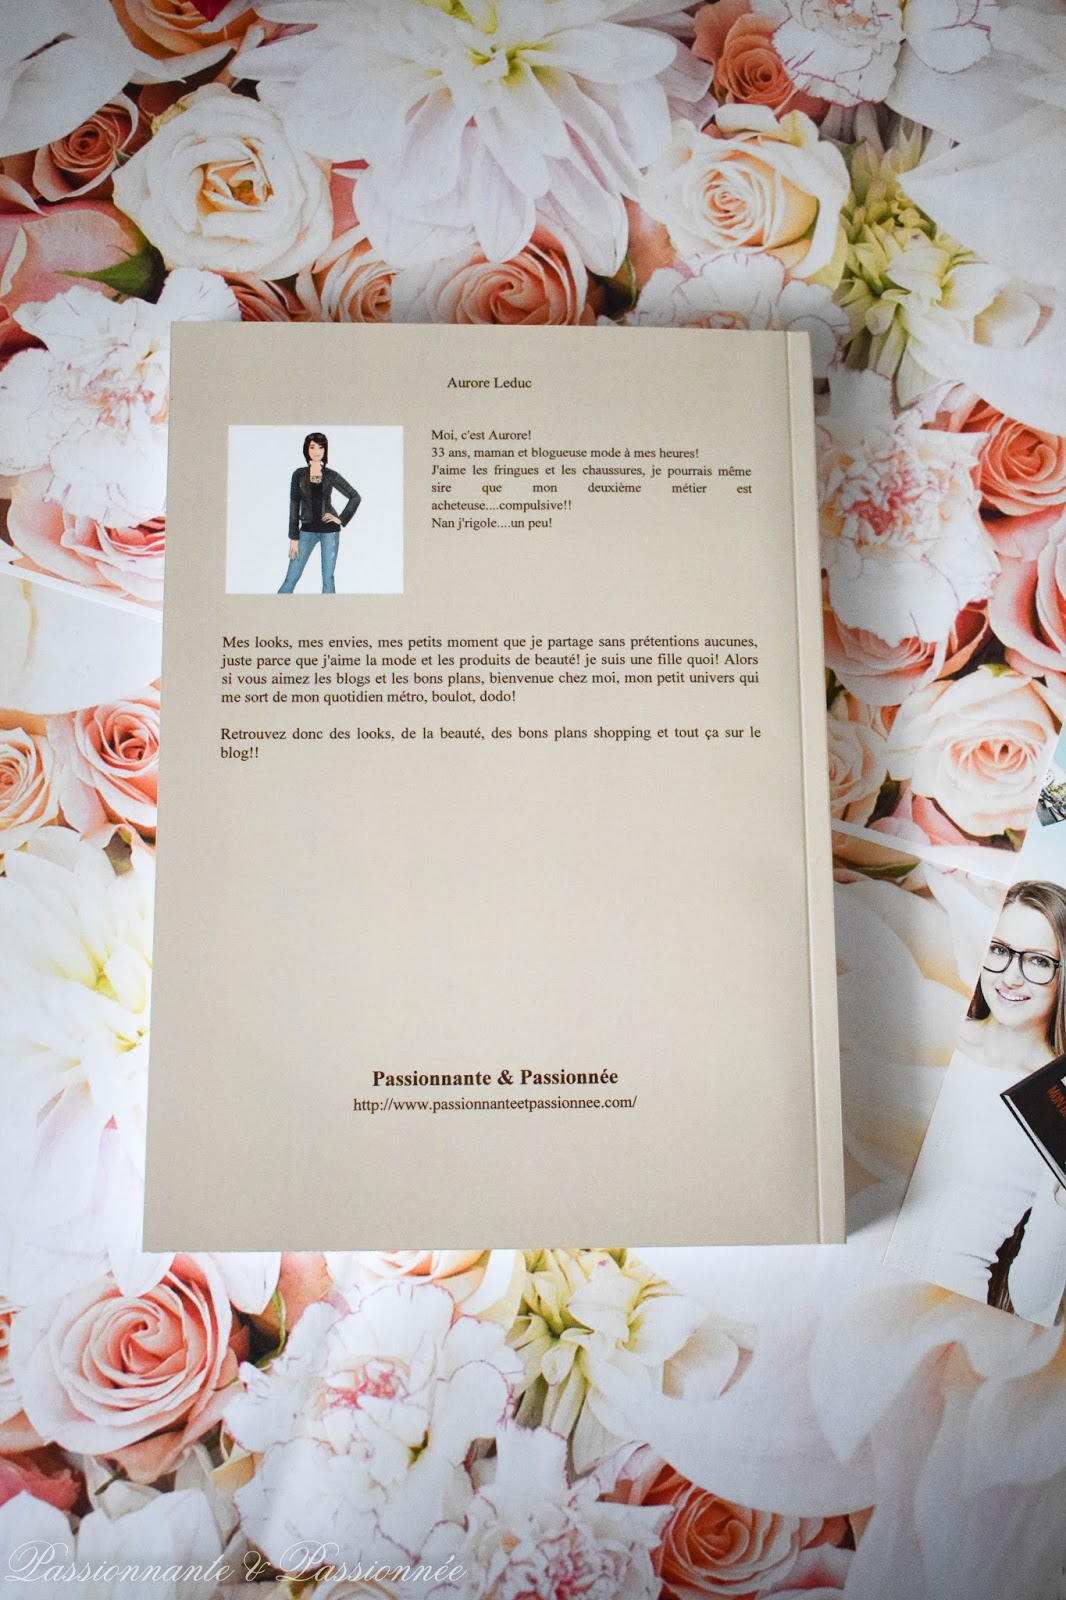 Mon livre de blogueuse mode